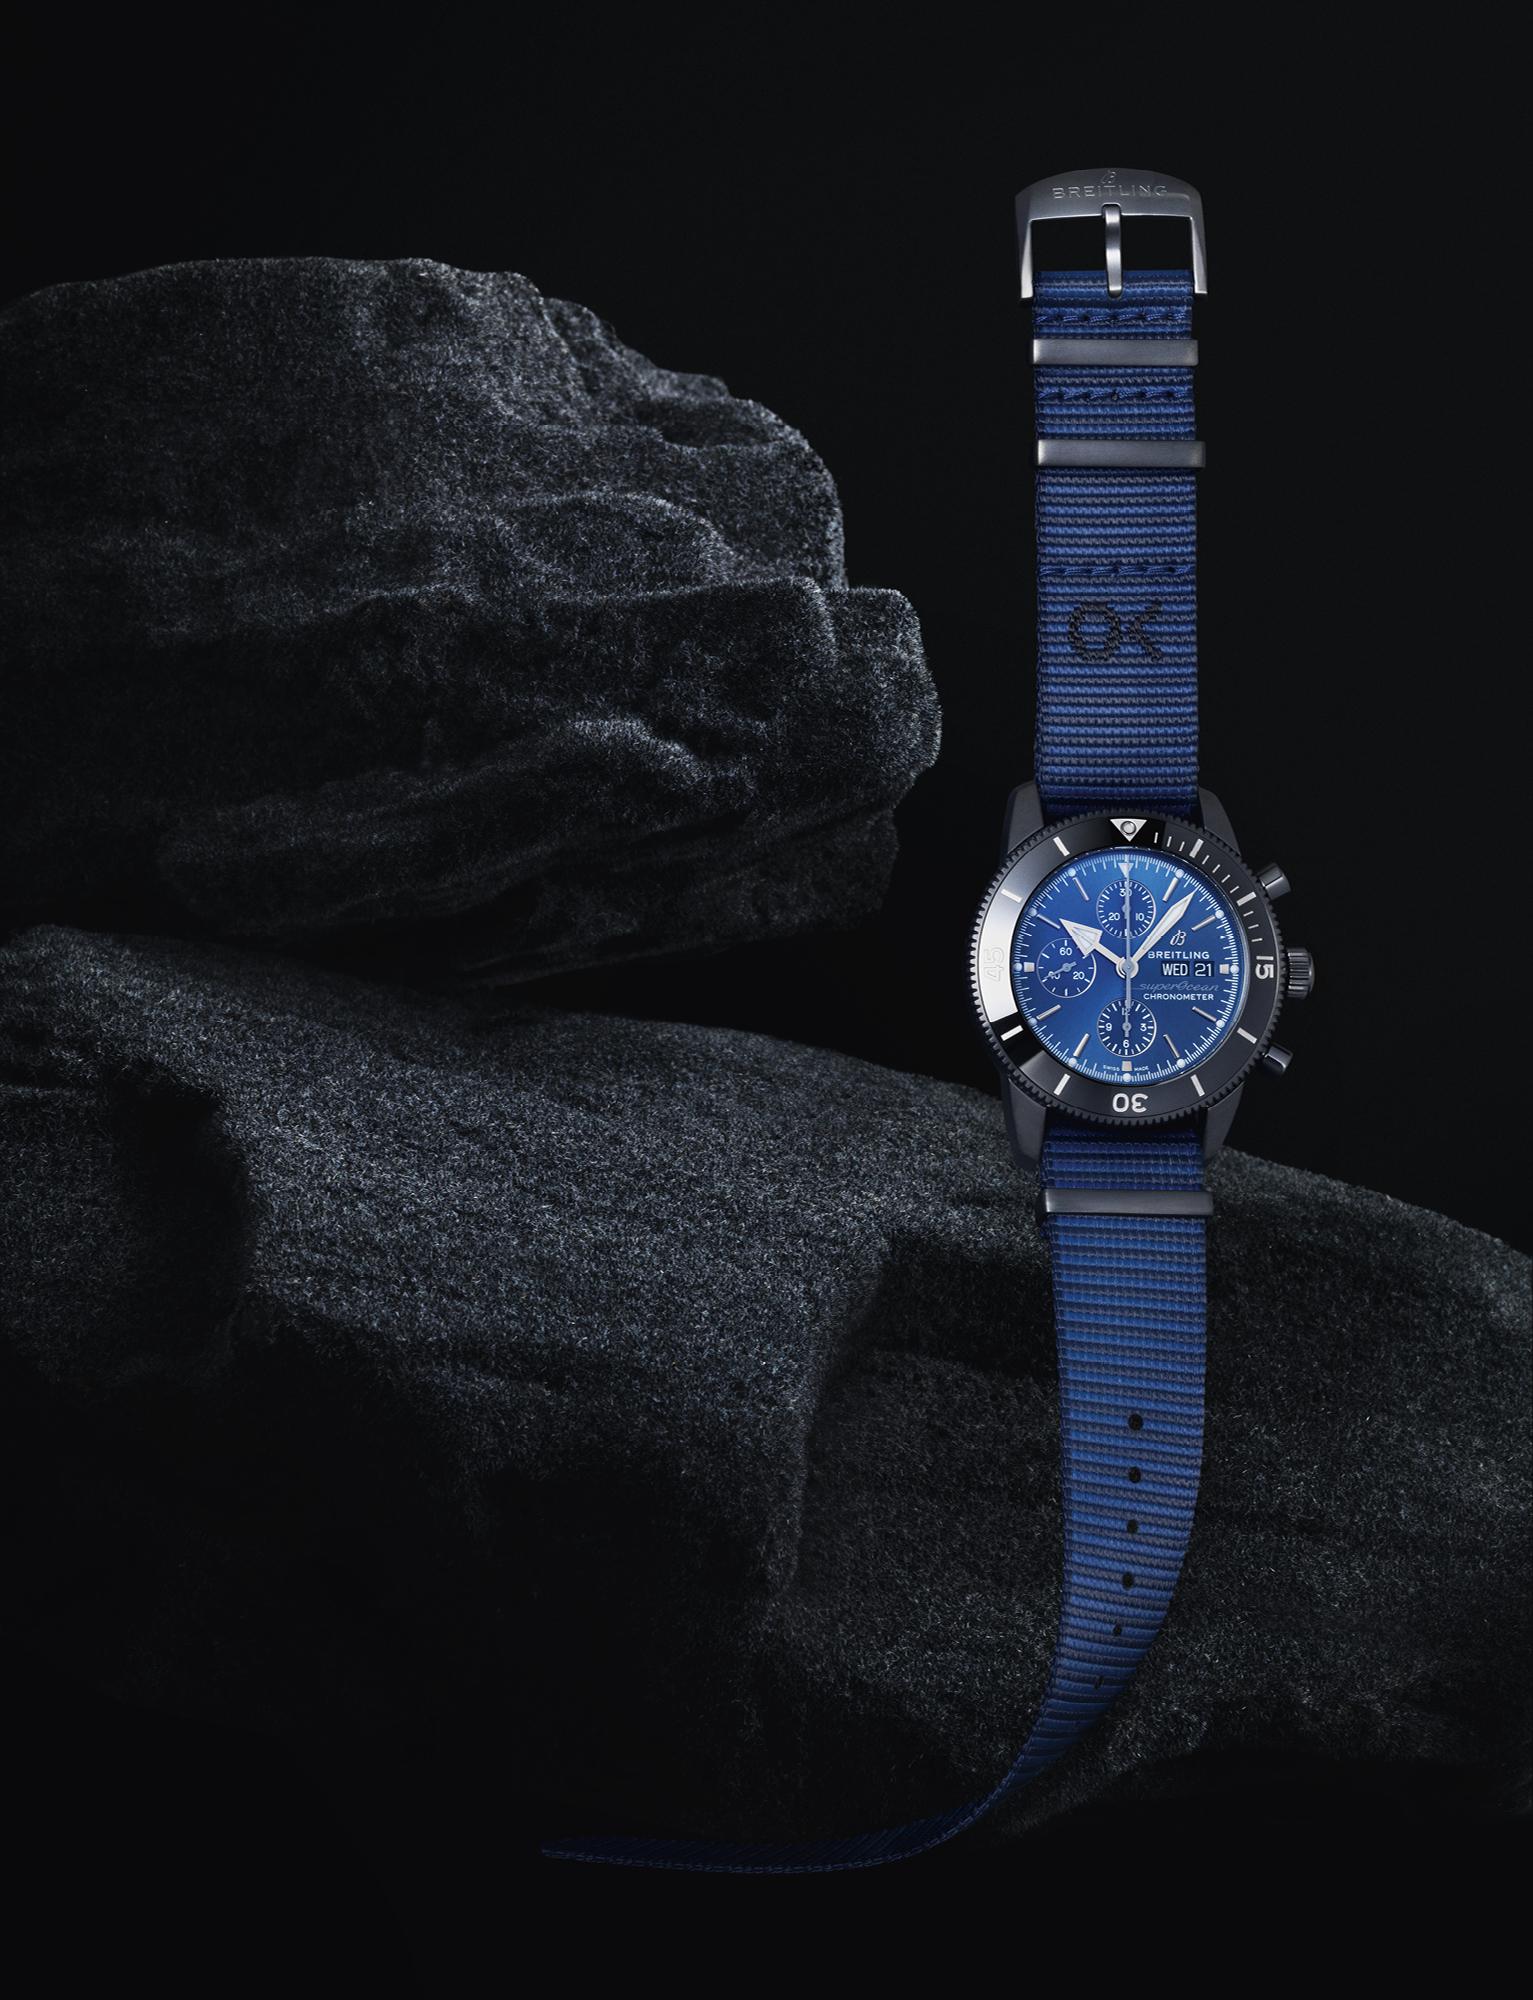 Breitling Superocean Heritage II 'Outerknown', £5,600